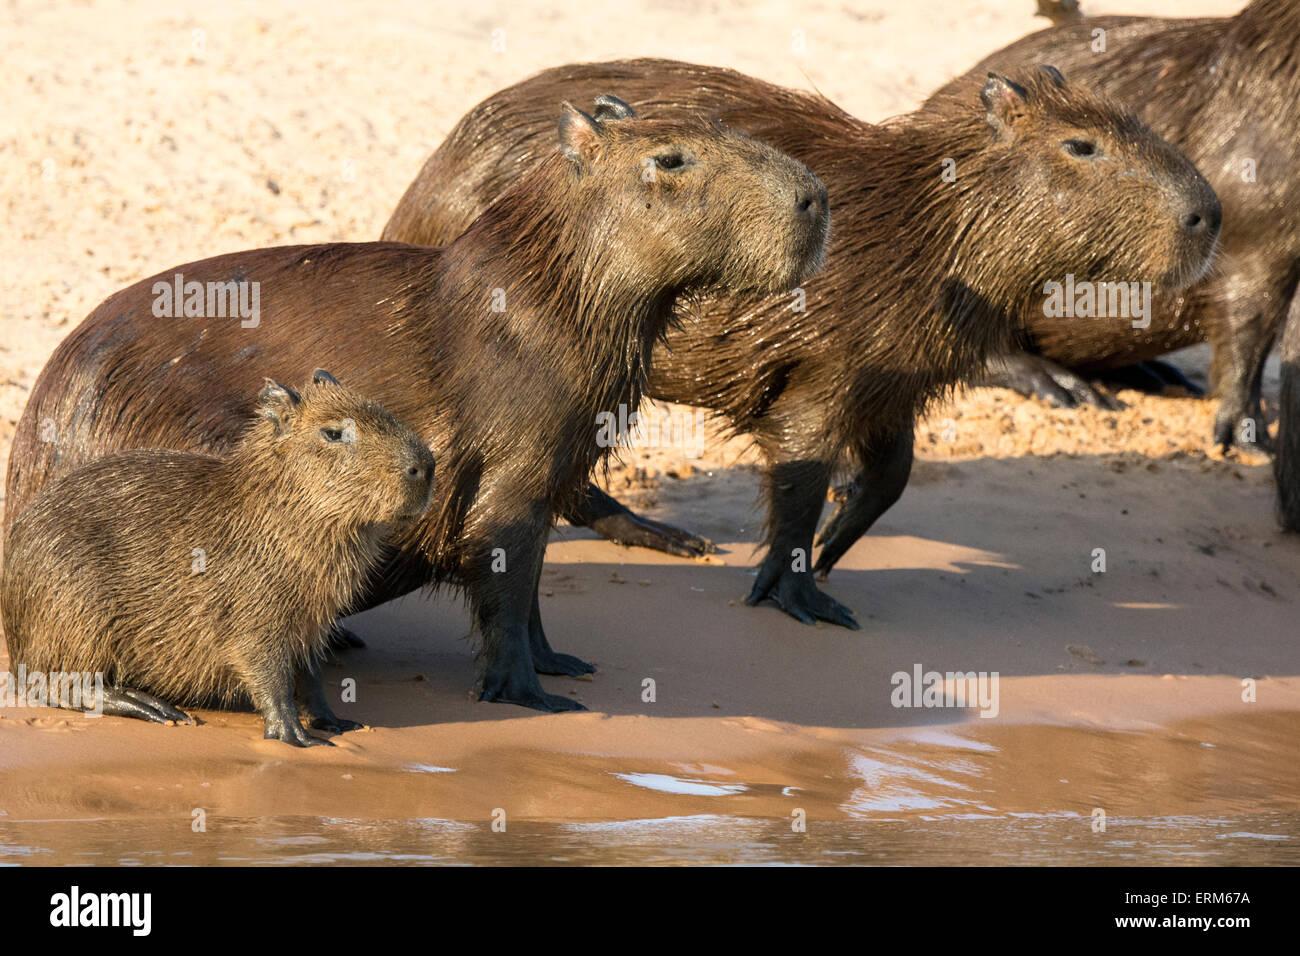 Famille de capybaras, Hydrochaeris hydrochaeris sauvages, sur le bord d'une rivière dans le Pantanal, Brésil, Amérique du Sud Banque D'Images